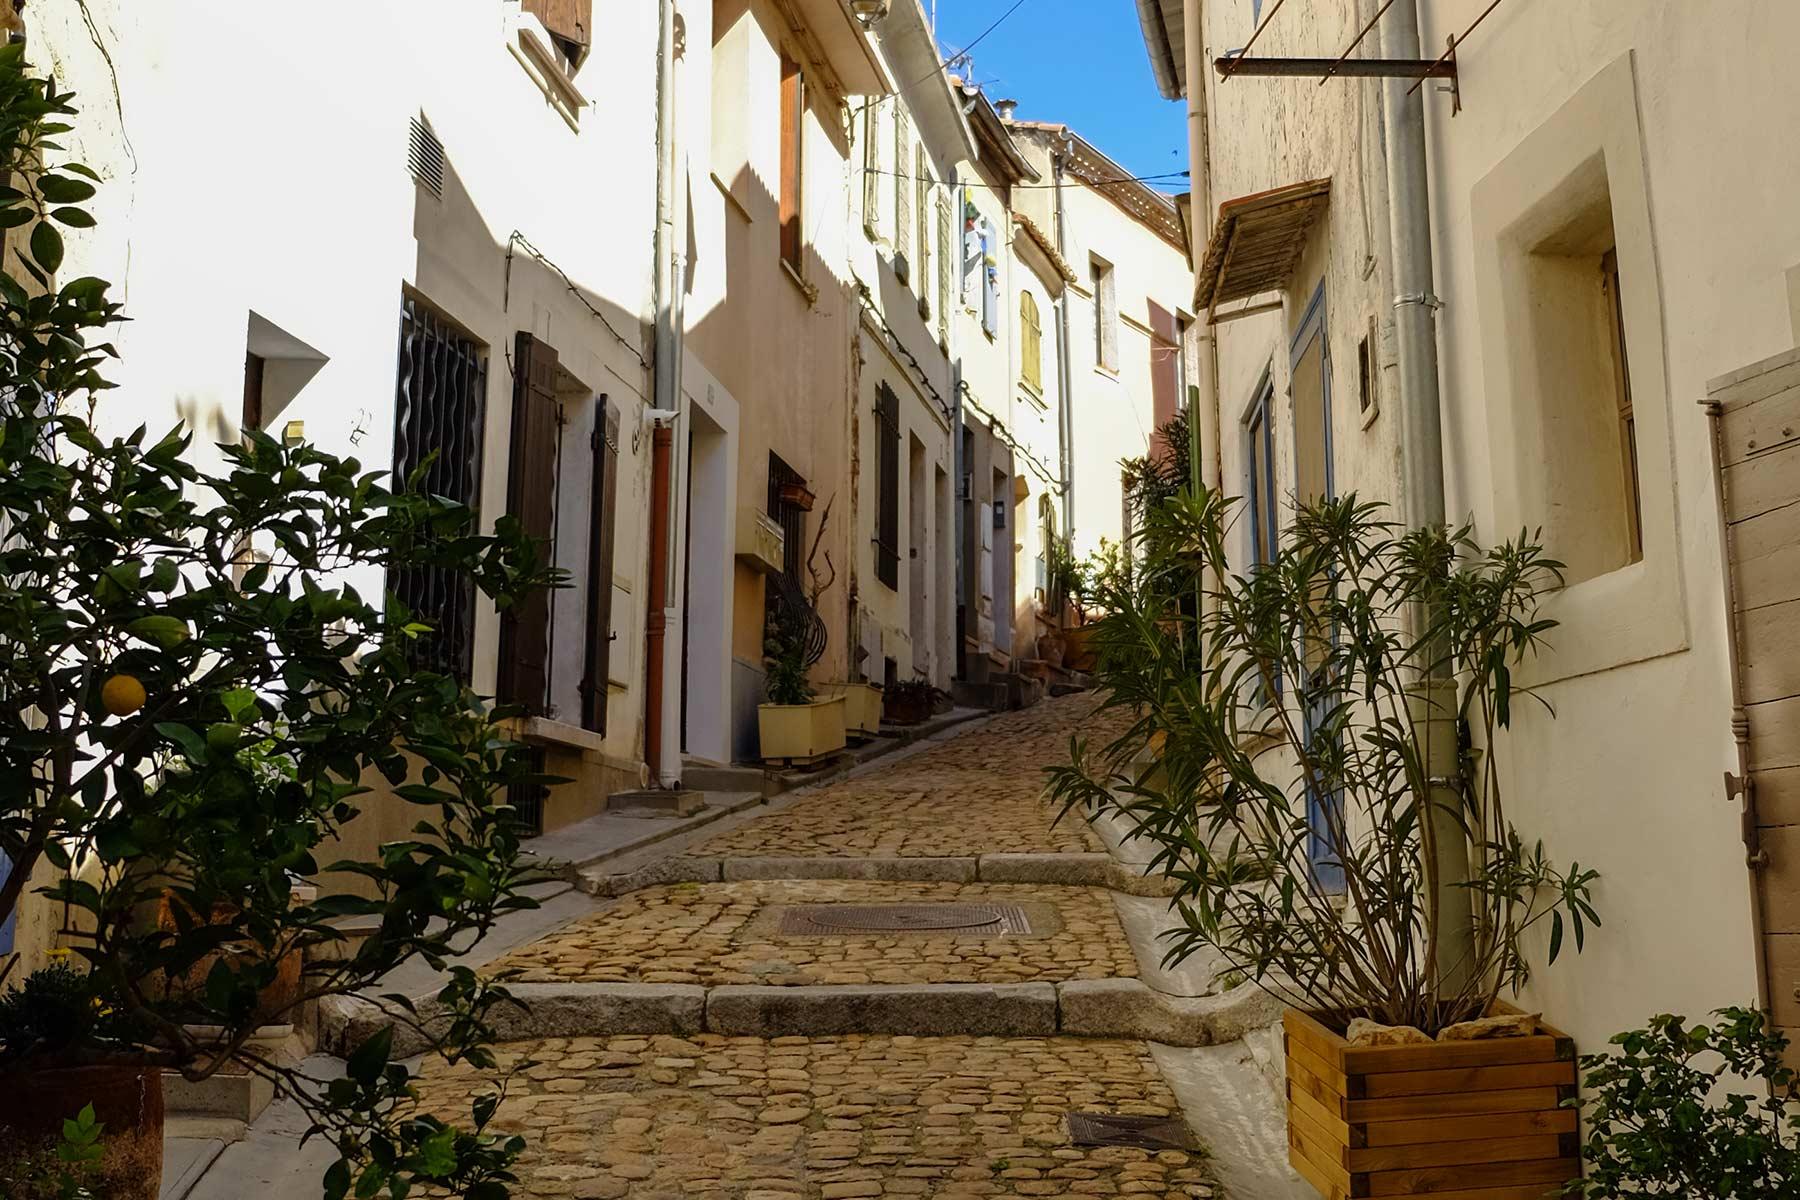 Enge Gasse in Arles in der Provence, Frankreich